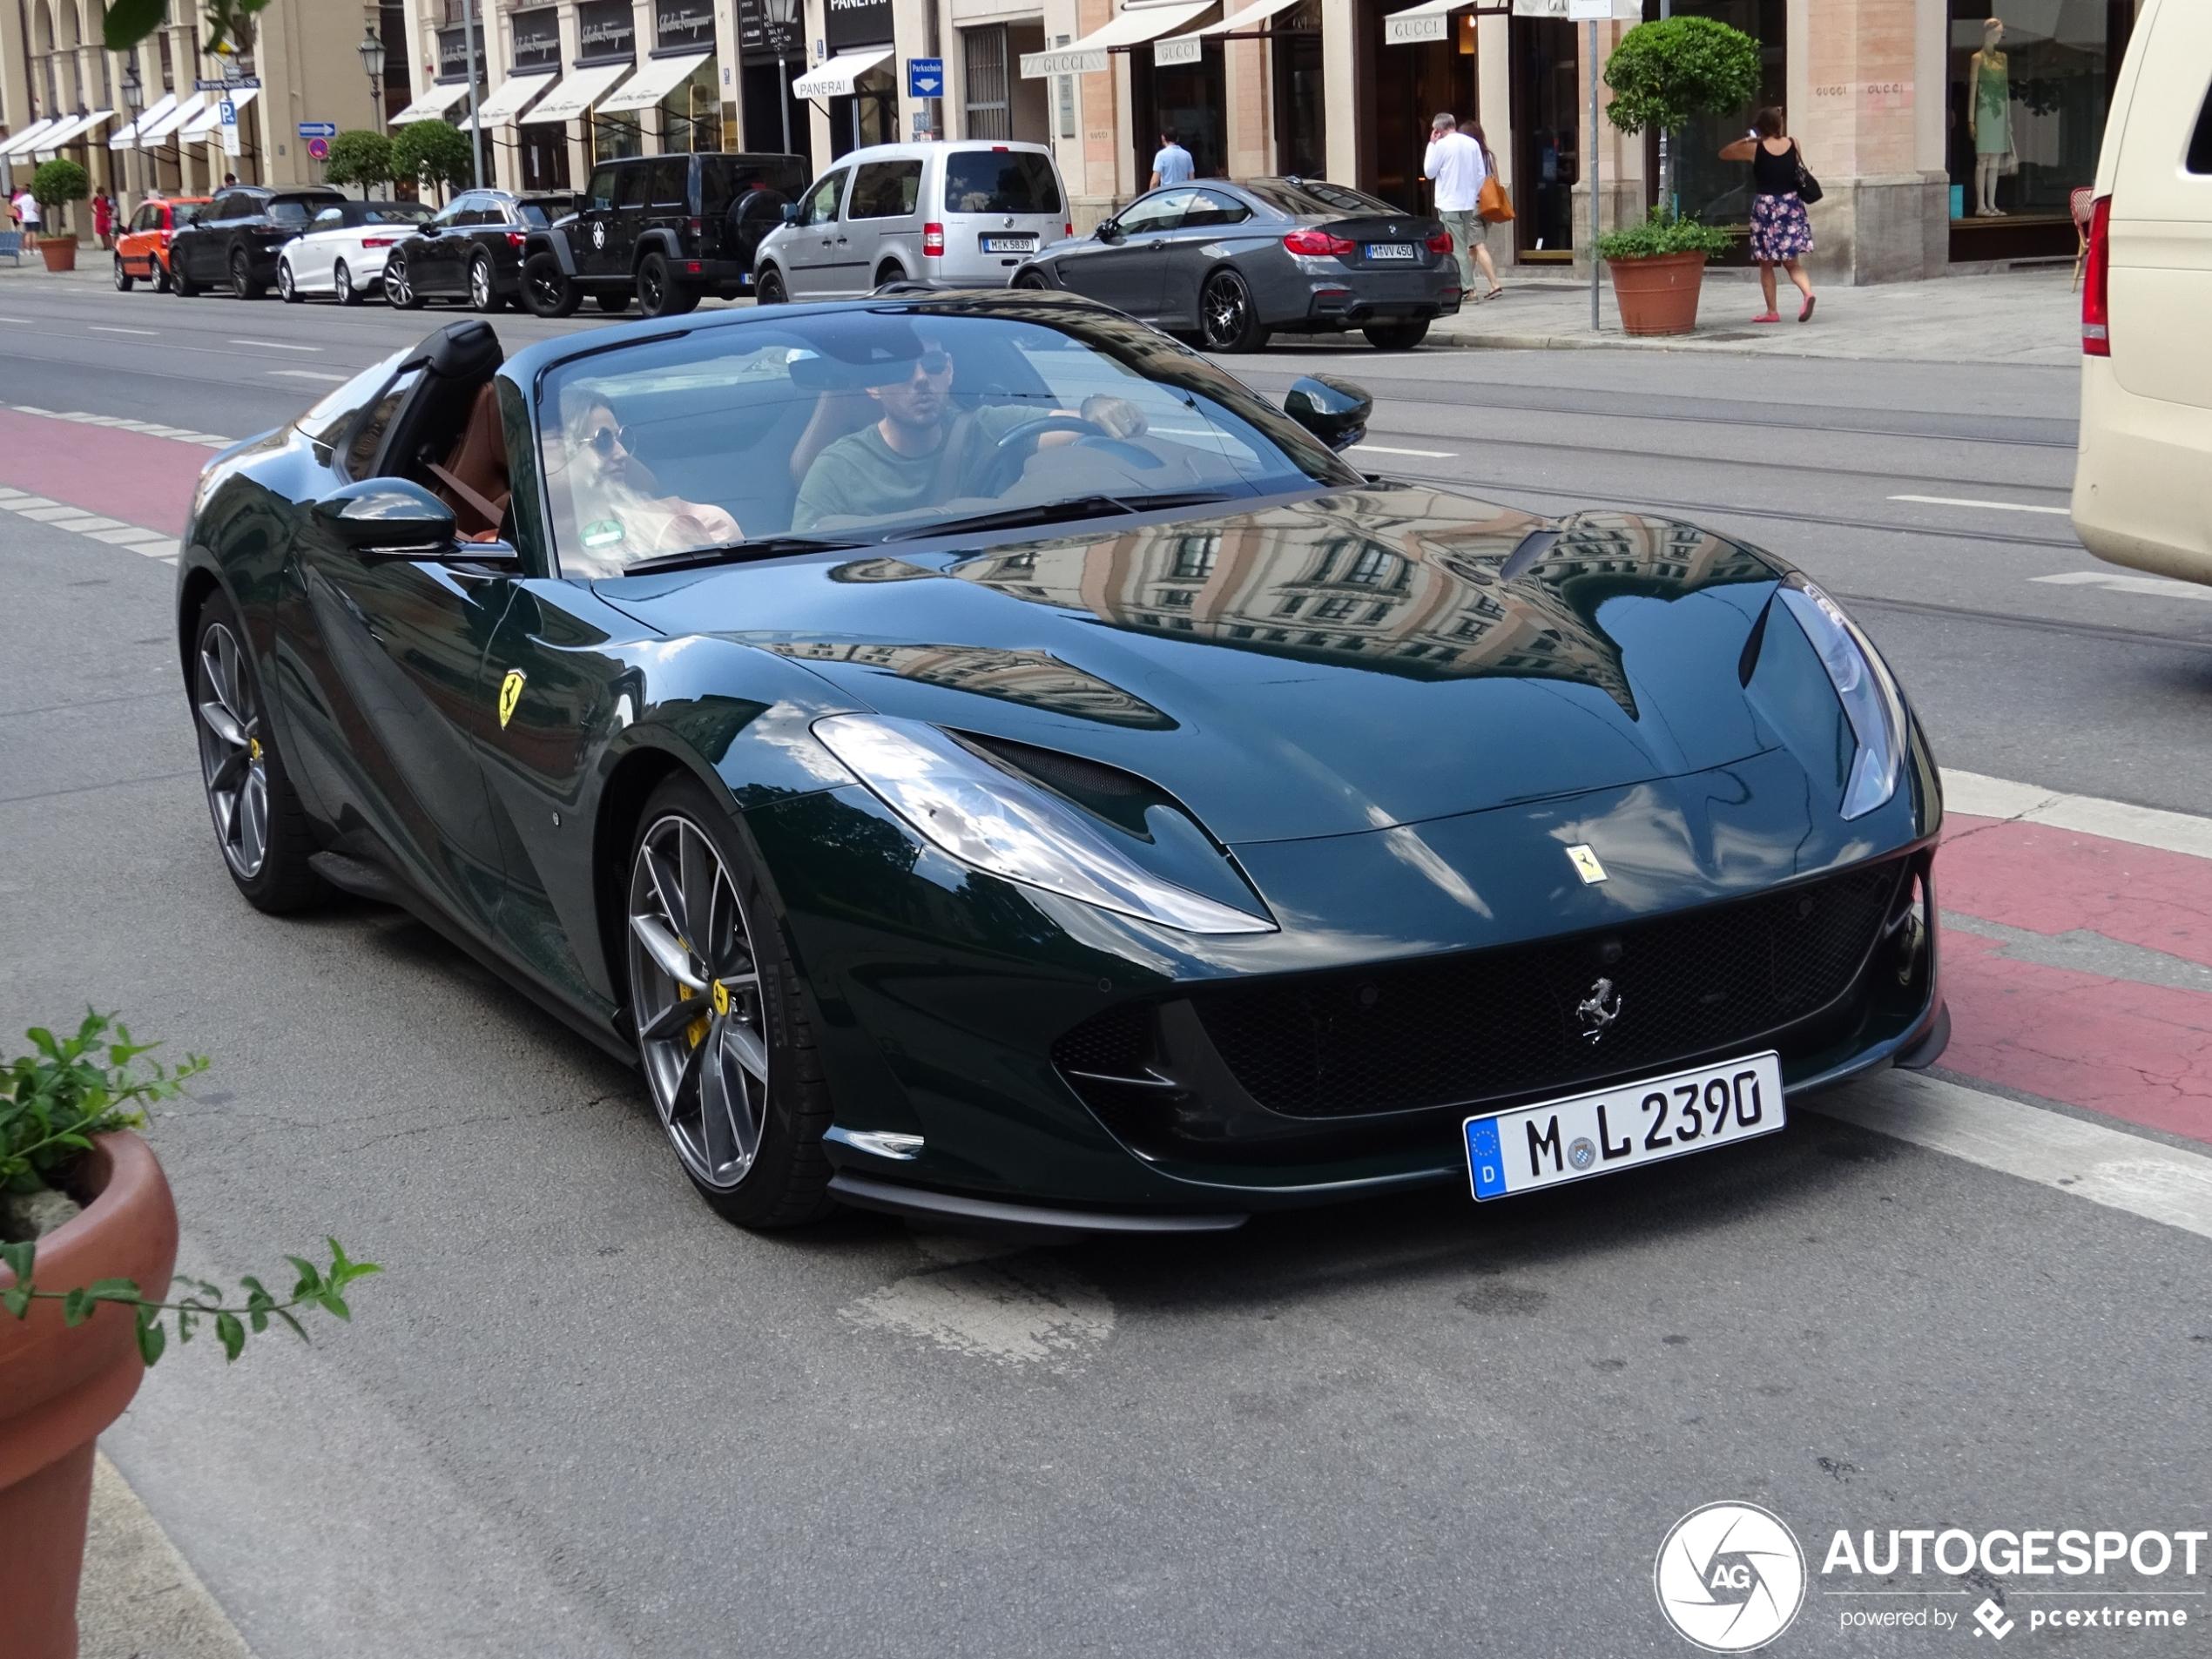 Ferrari 812 Gts 12 August 2020 Autogespot